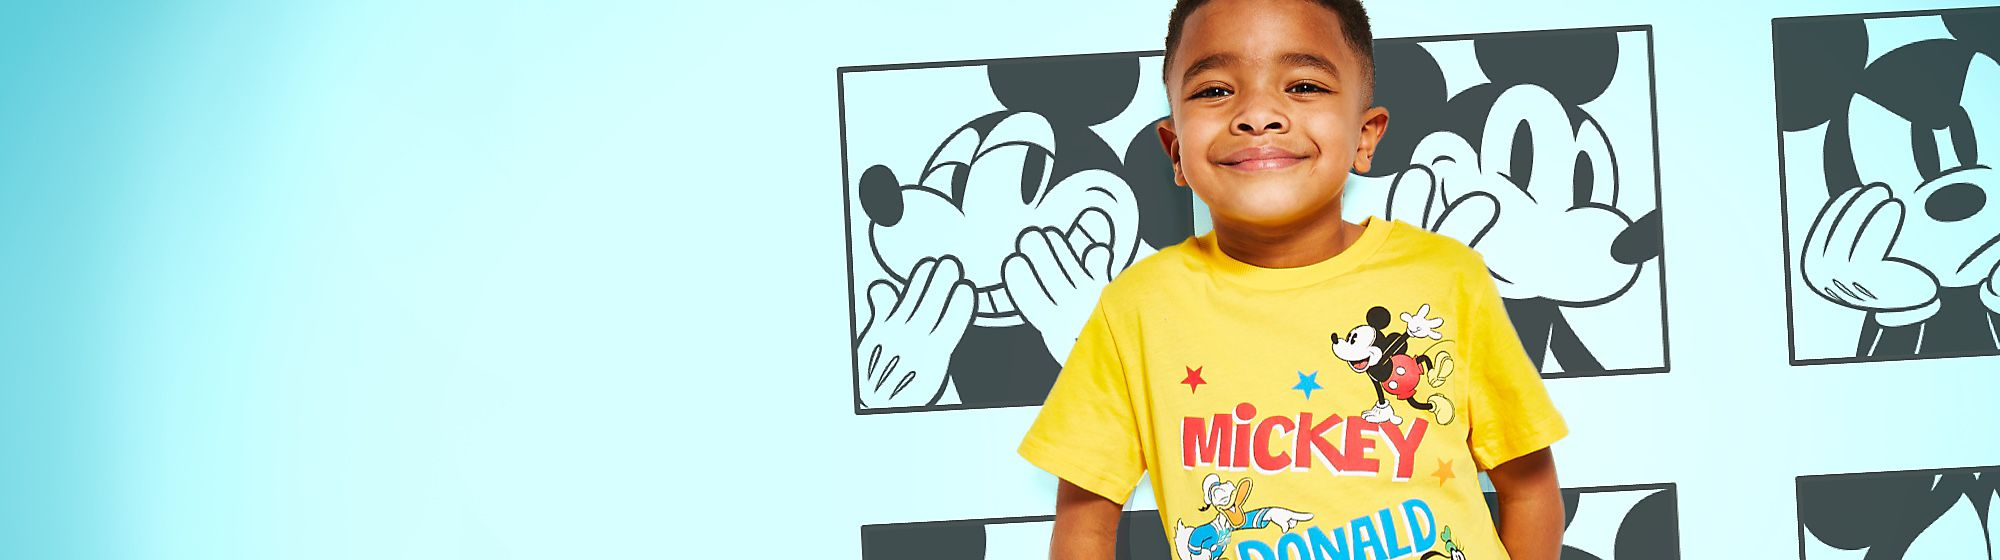 Kindermode Entdecke unsere Disney, Star Wars und Marvel Kinder Kollektionen. T-Shirts, Jacken und vieles mehr. JETZT ENTDECKEN